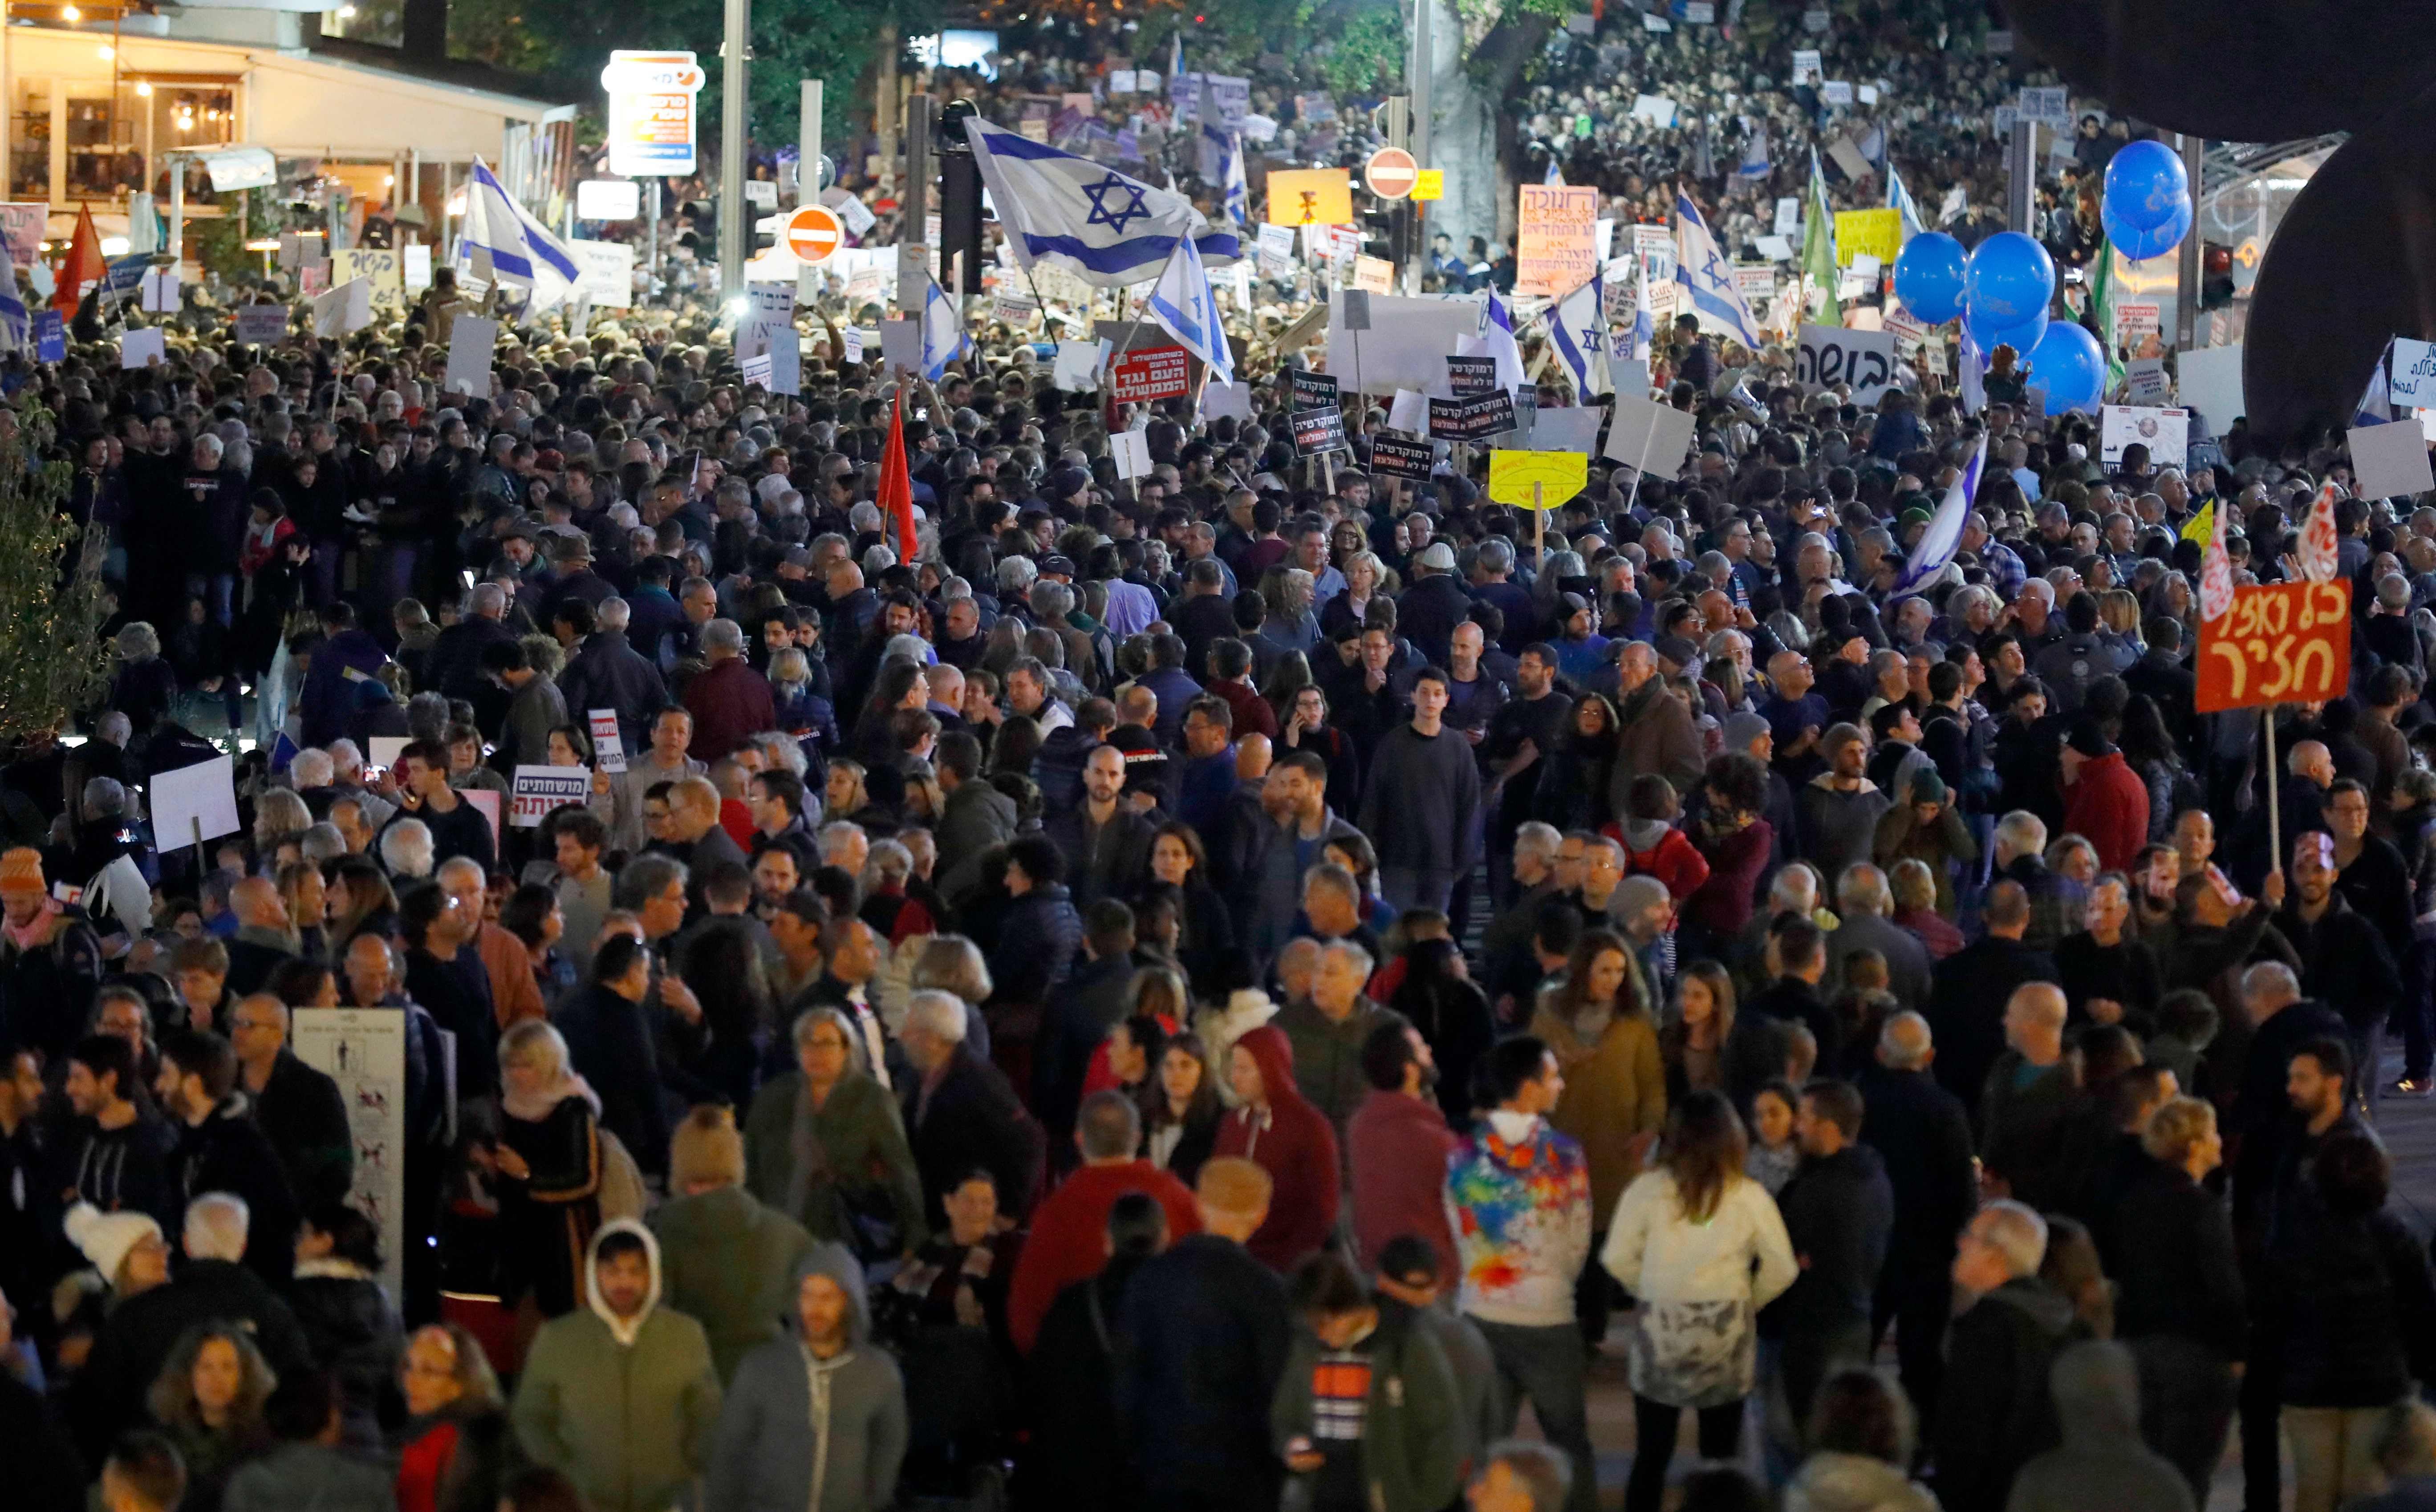 آلاف المحتجين تطالب بإقالة نتنياهو